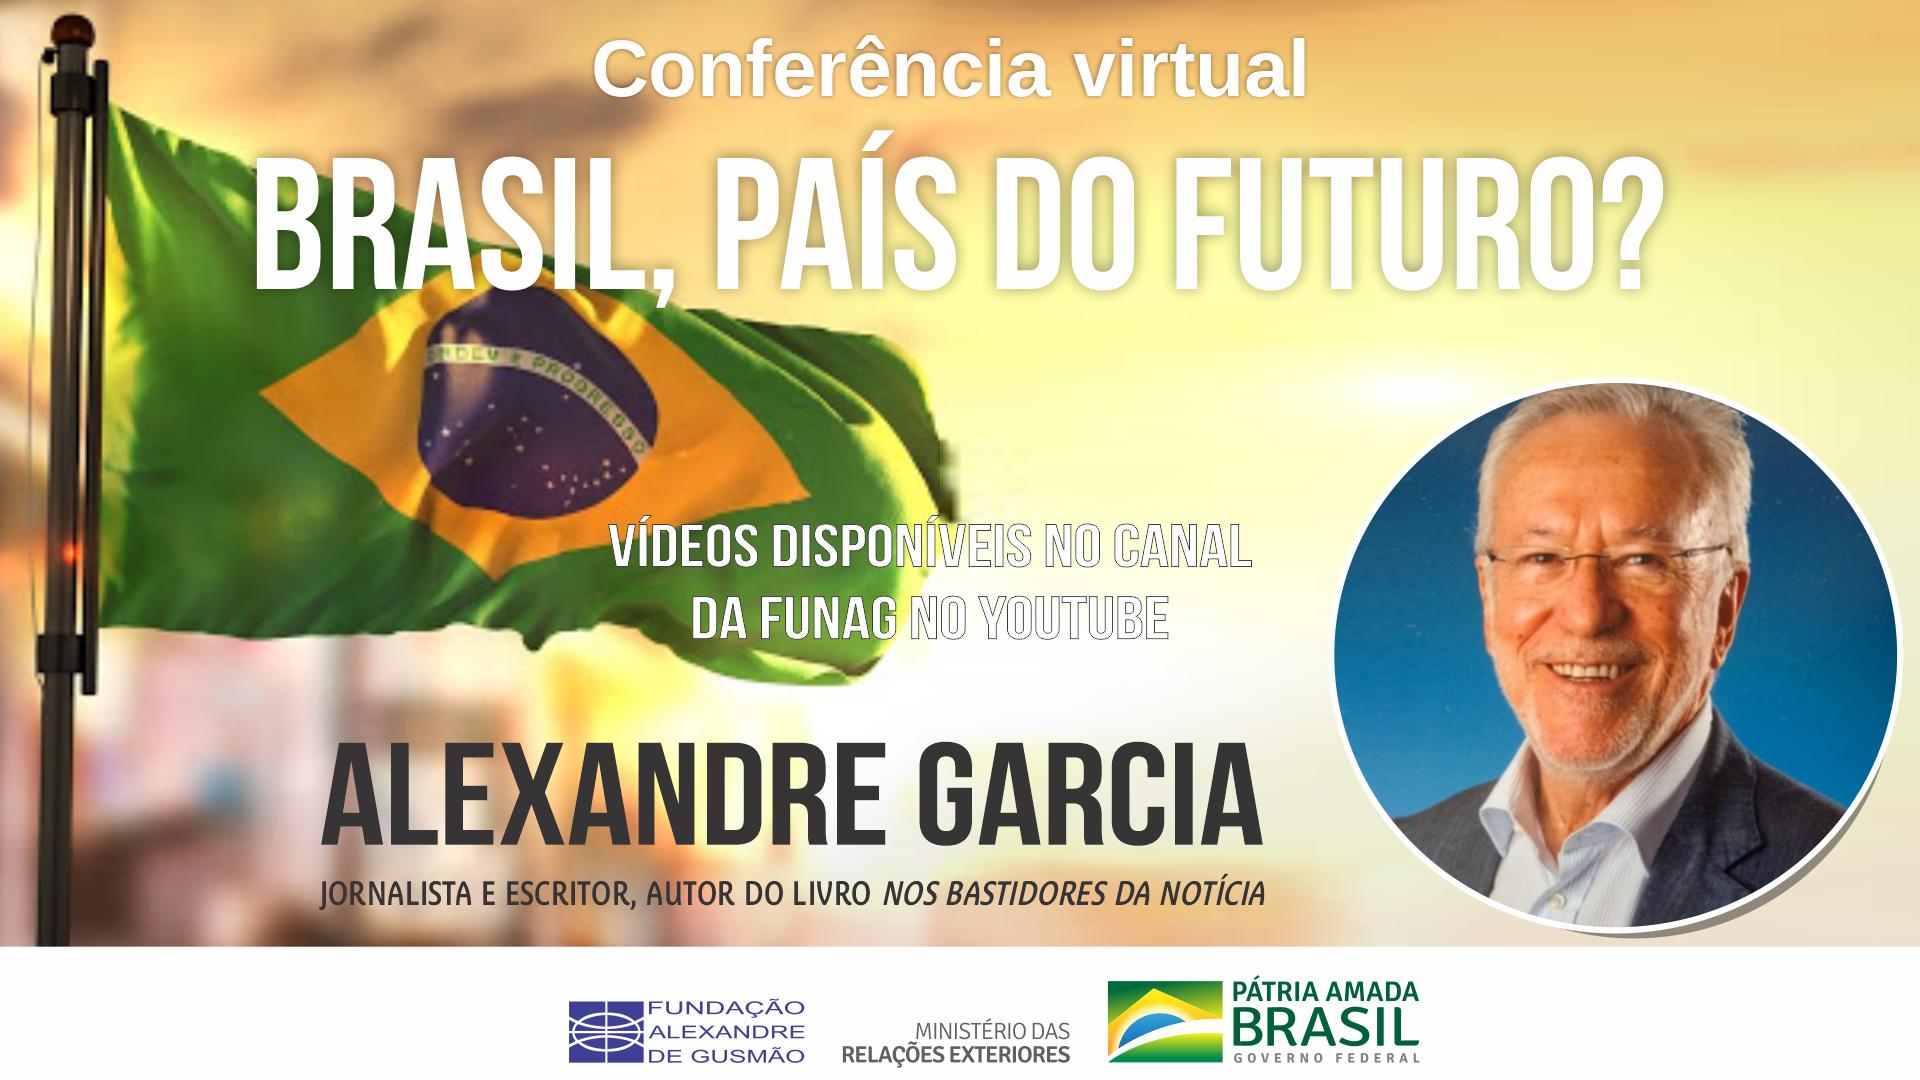 """Assista aos vídeos da conferência do jornalista Alexandre Garcia sobre o tema """"Brasil, país do futuro?"""""""